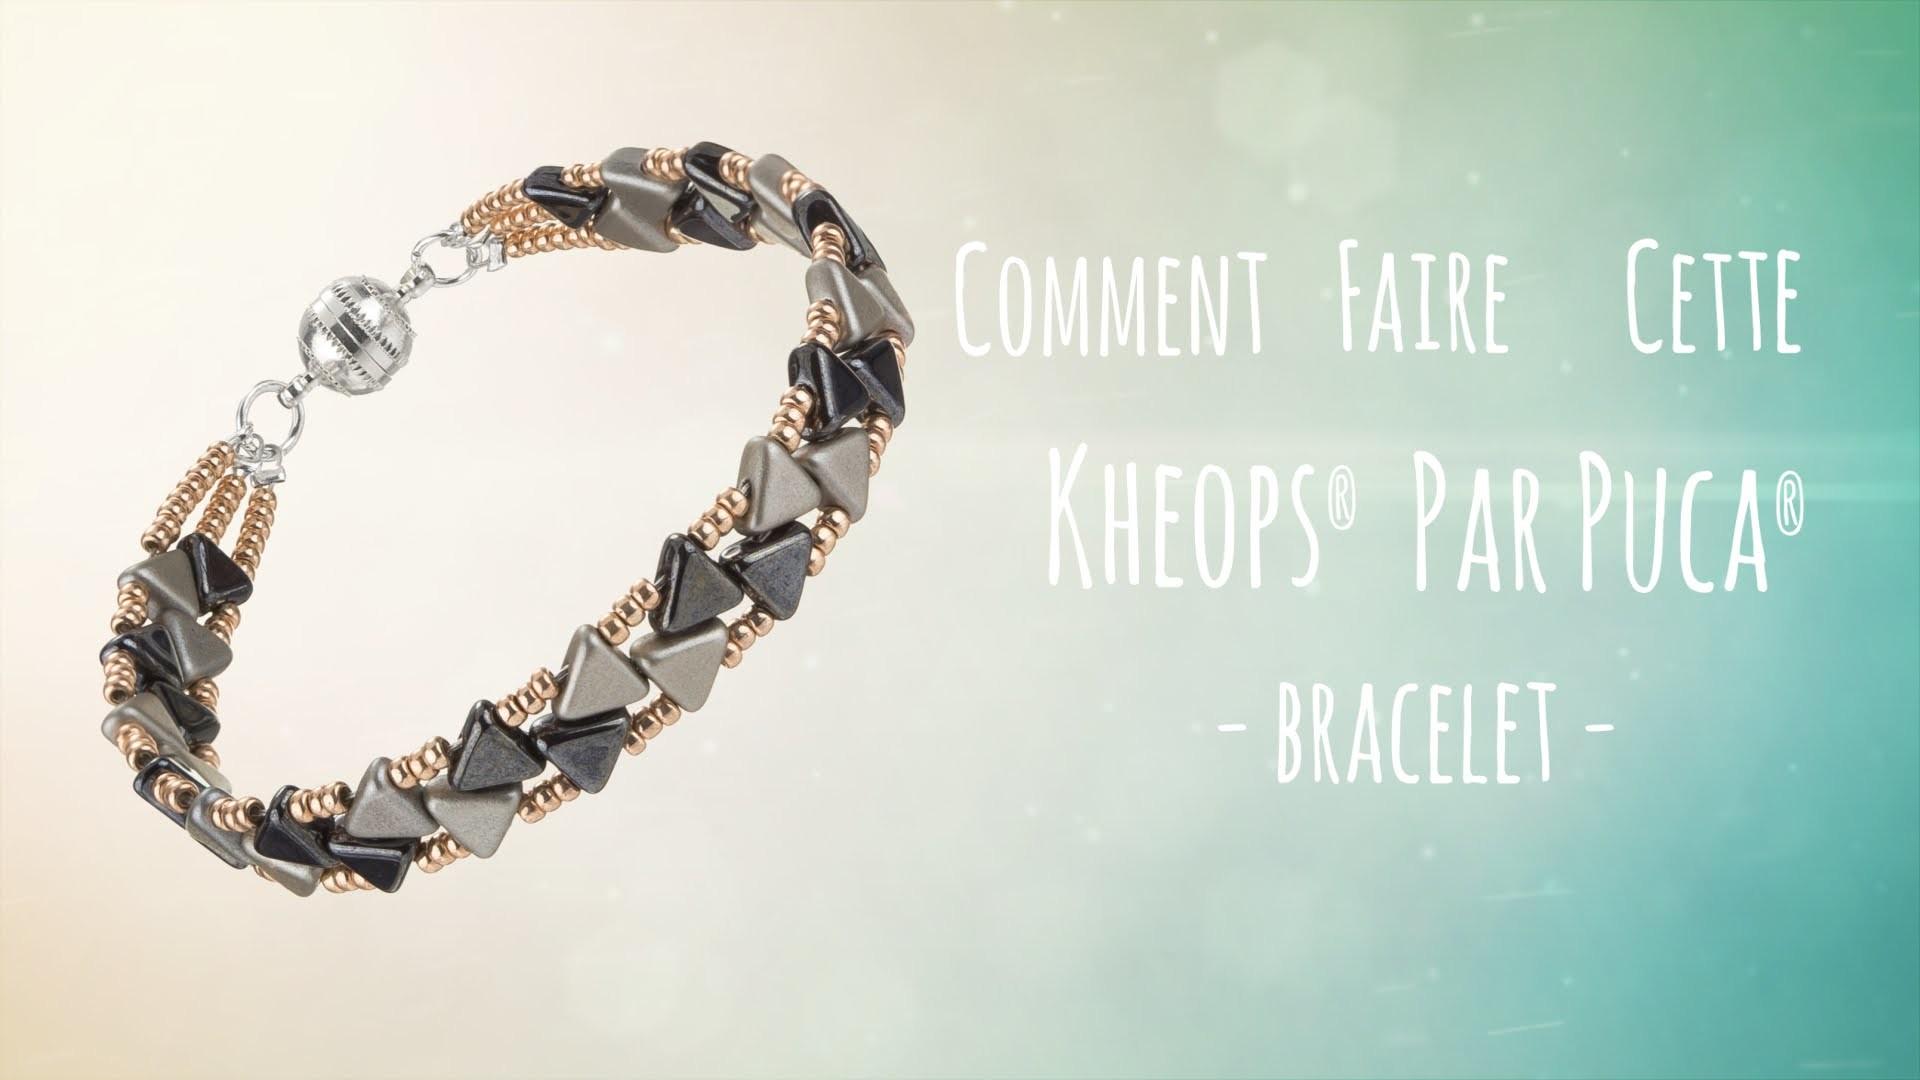 france] comment faire un bracelet en perle de rocaille et kheops